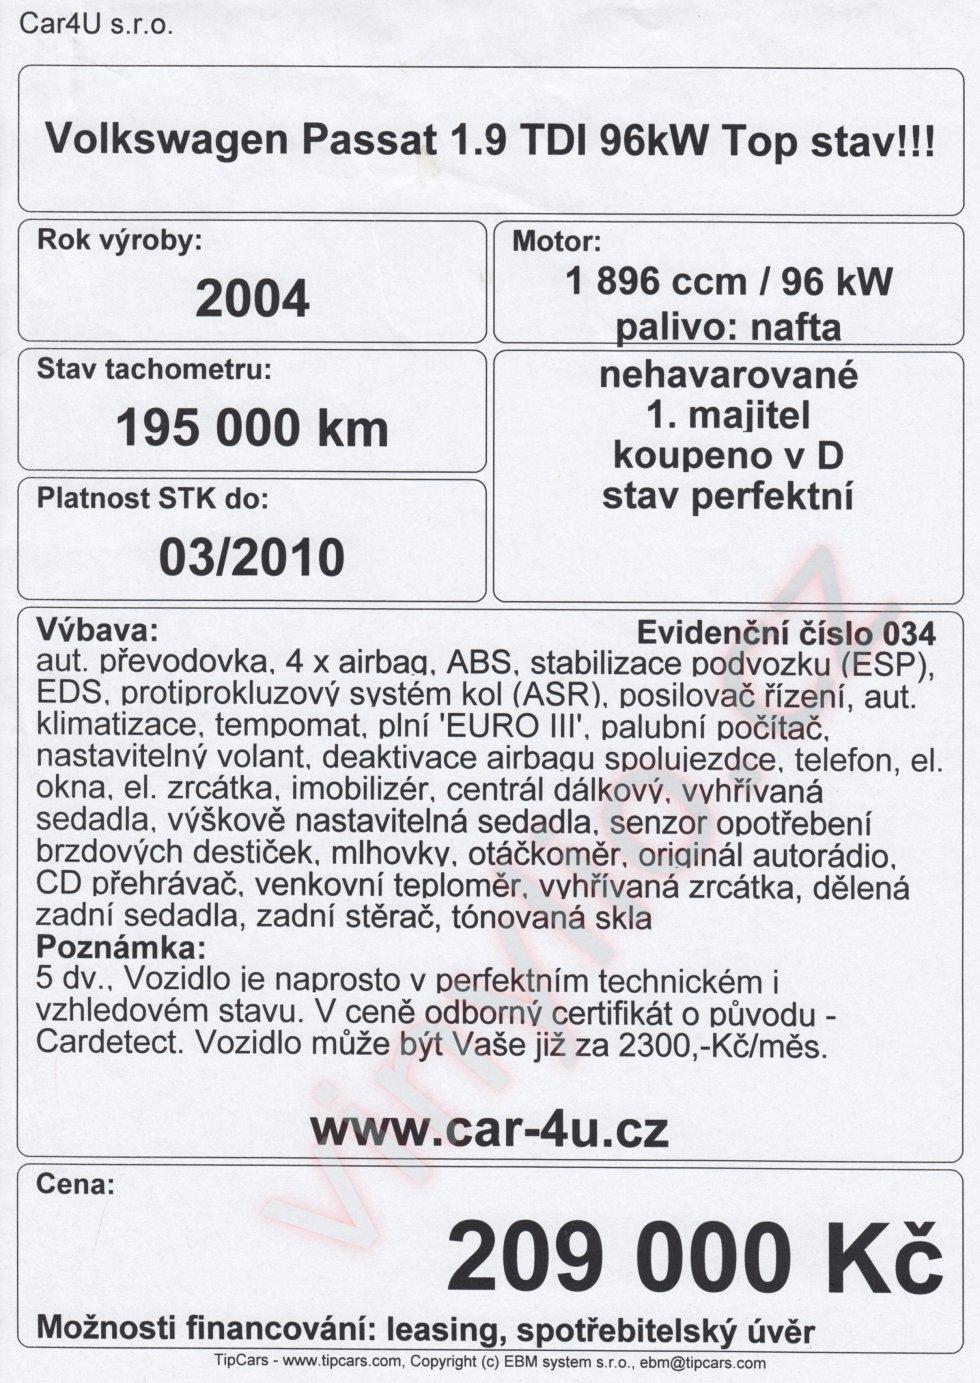 Inzerát popisujúci auto za čelným sklom